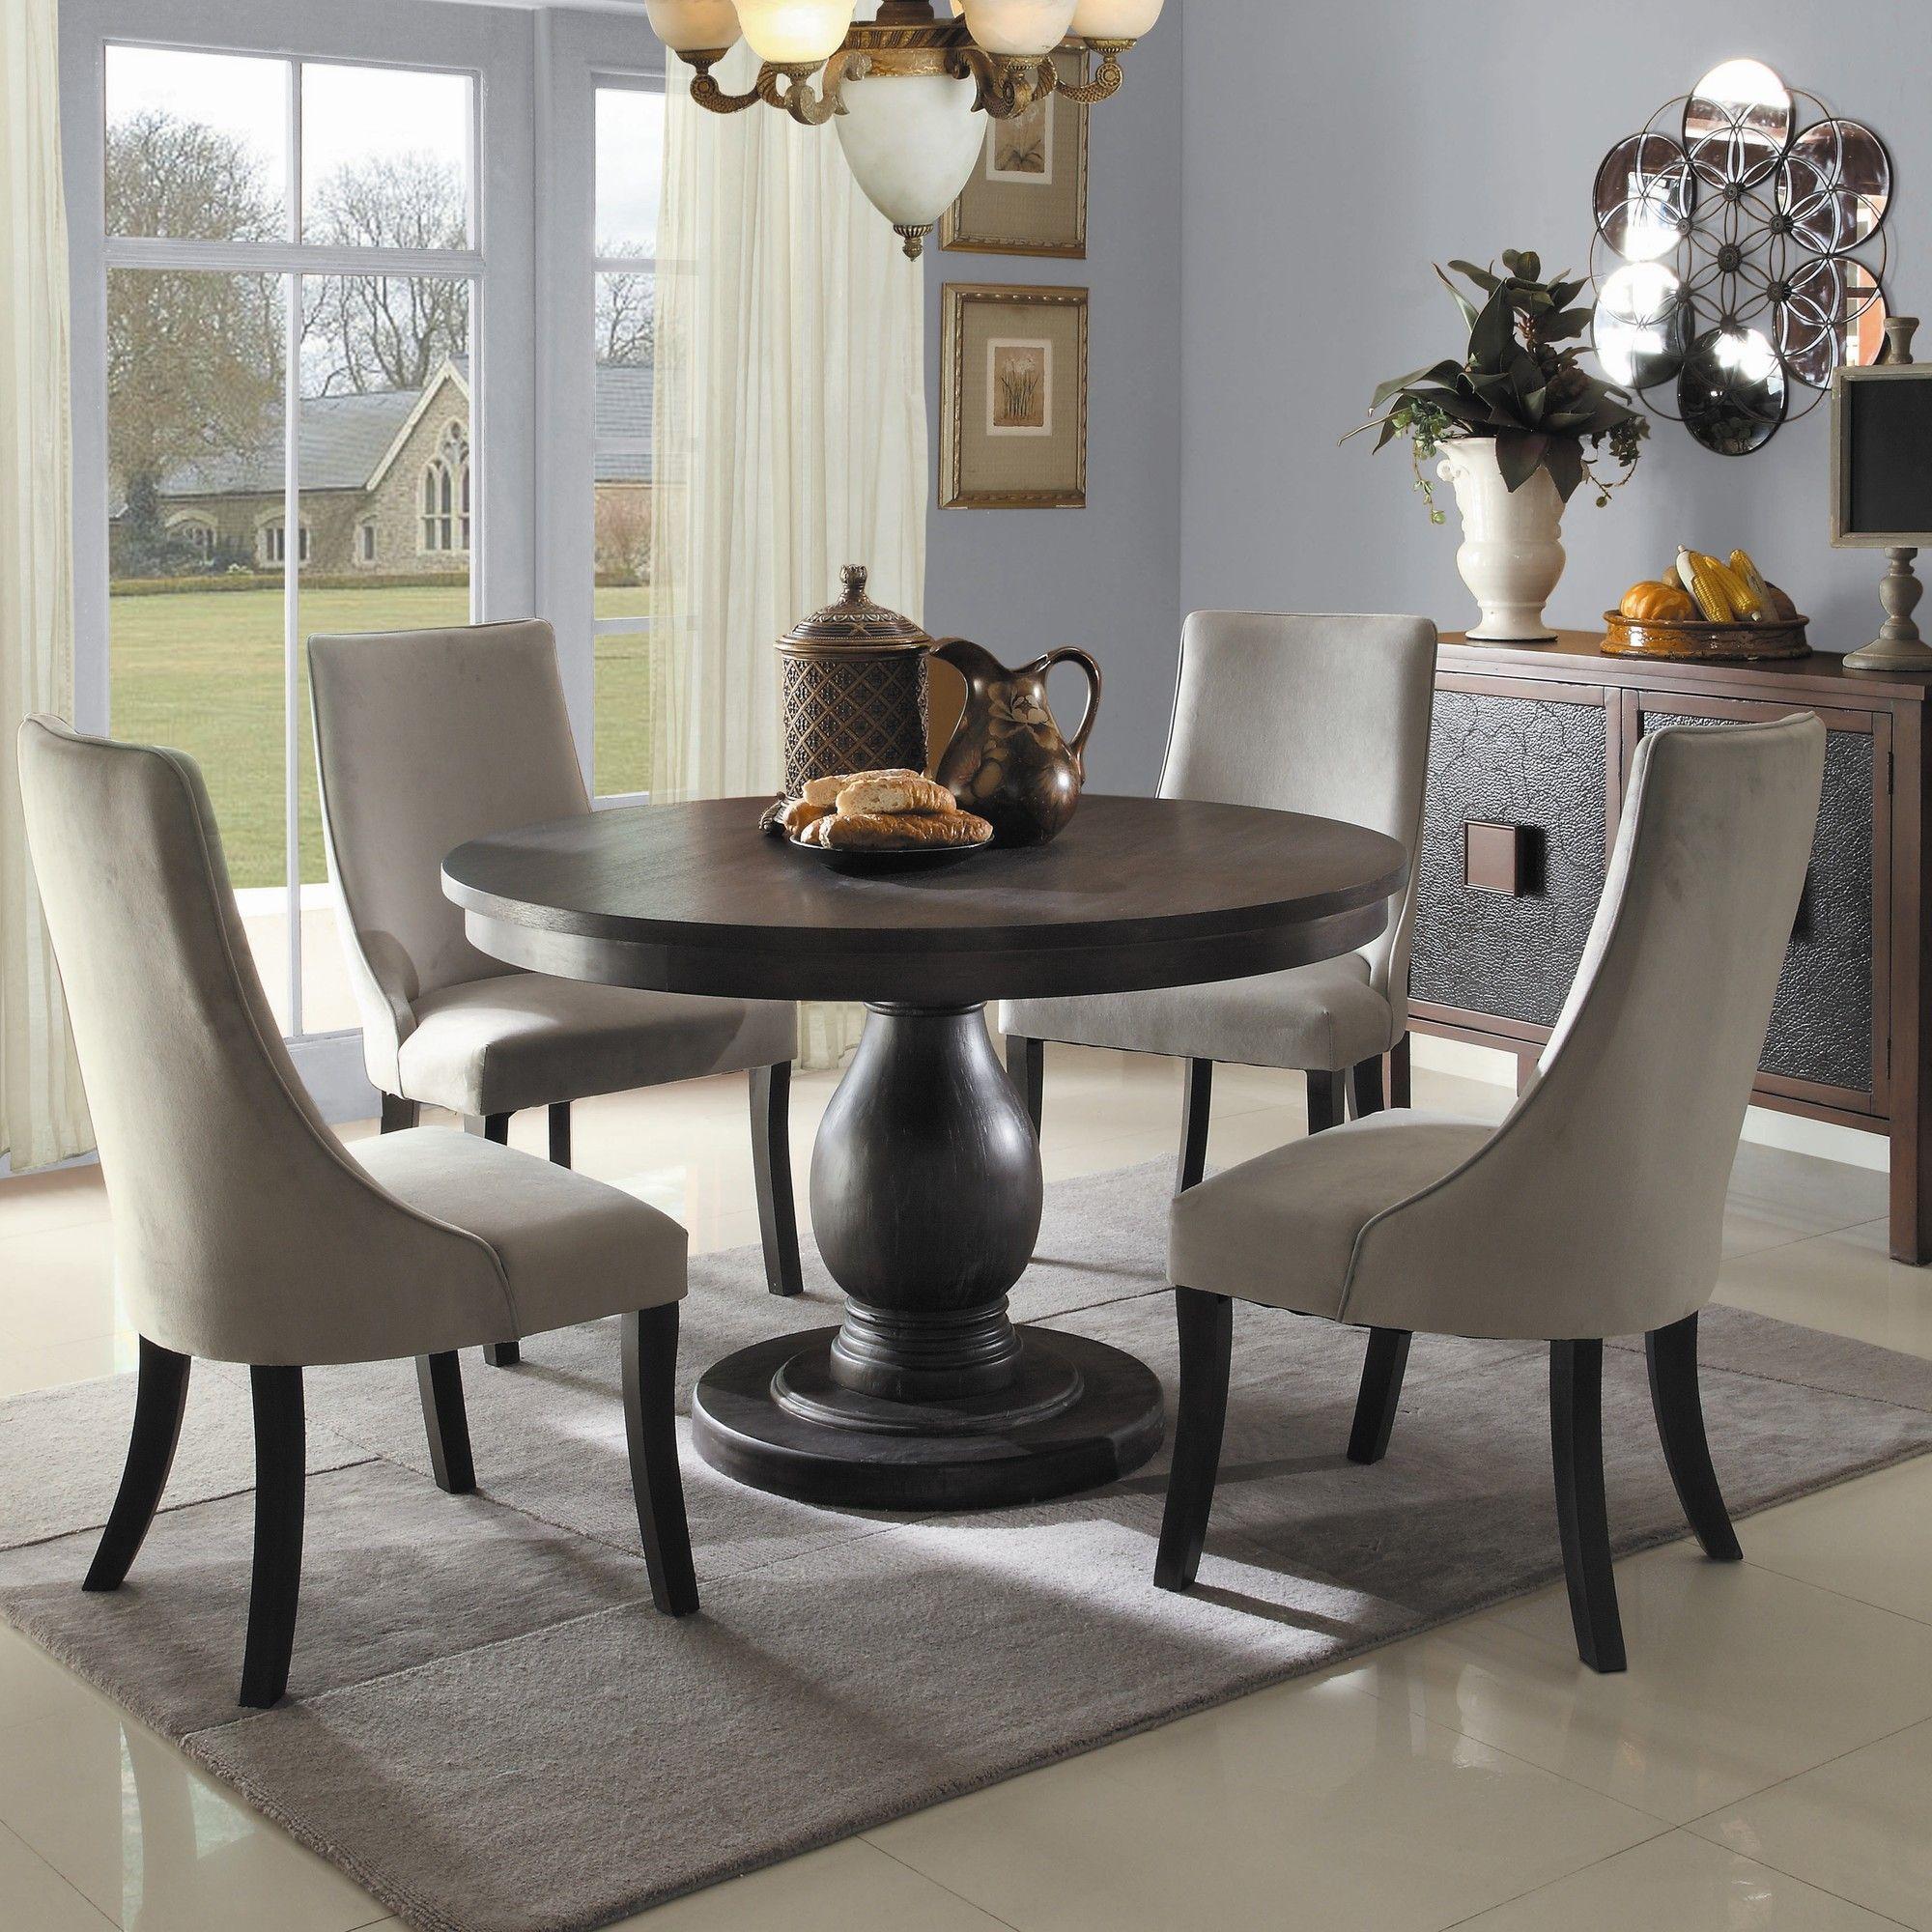 Esstisch Set Kuchentisch Tisch Und Stuhle Fur Verkauf Esszimmer